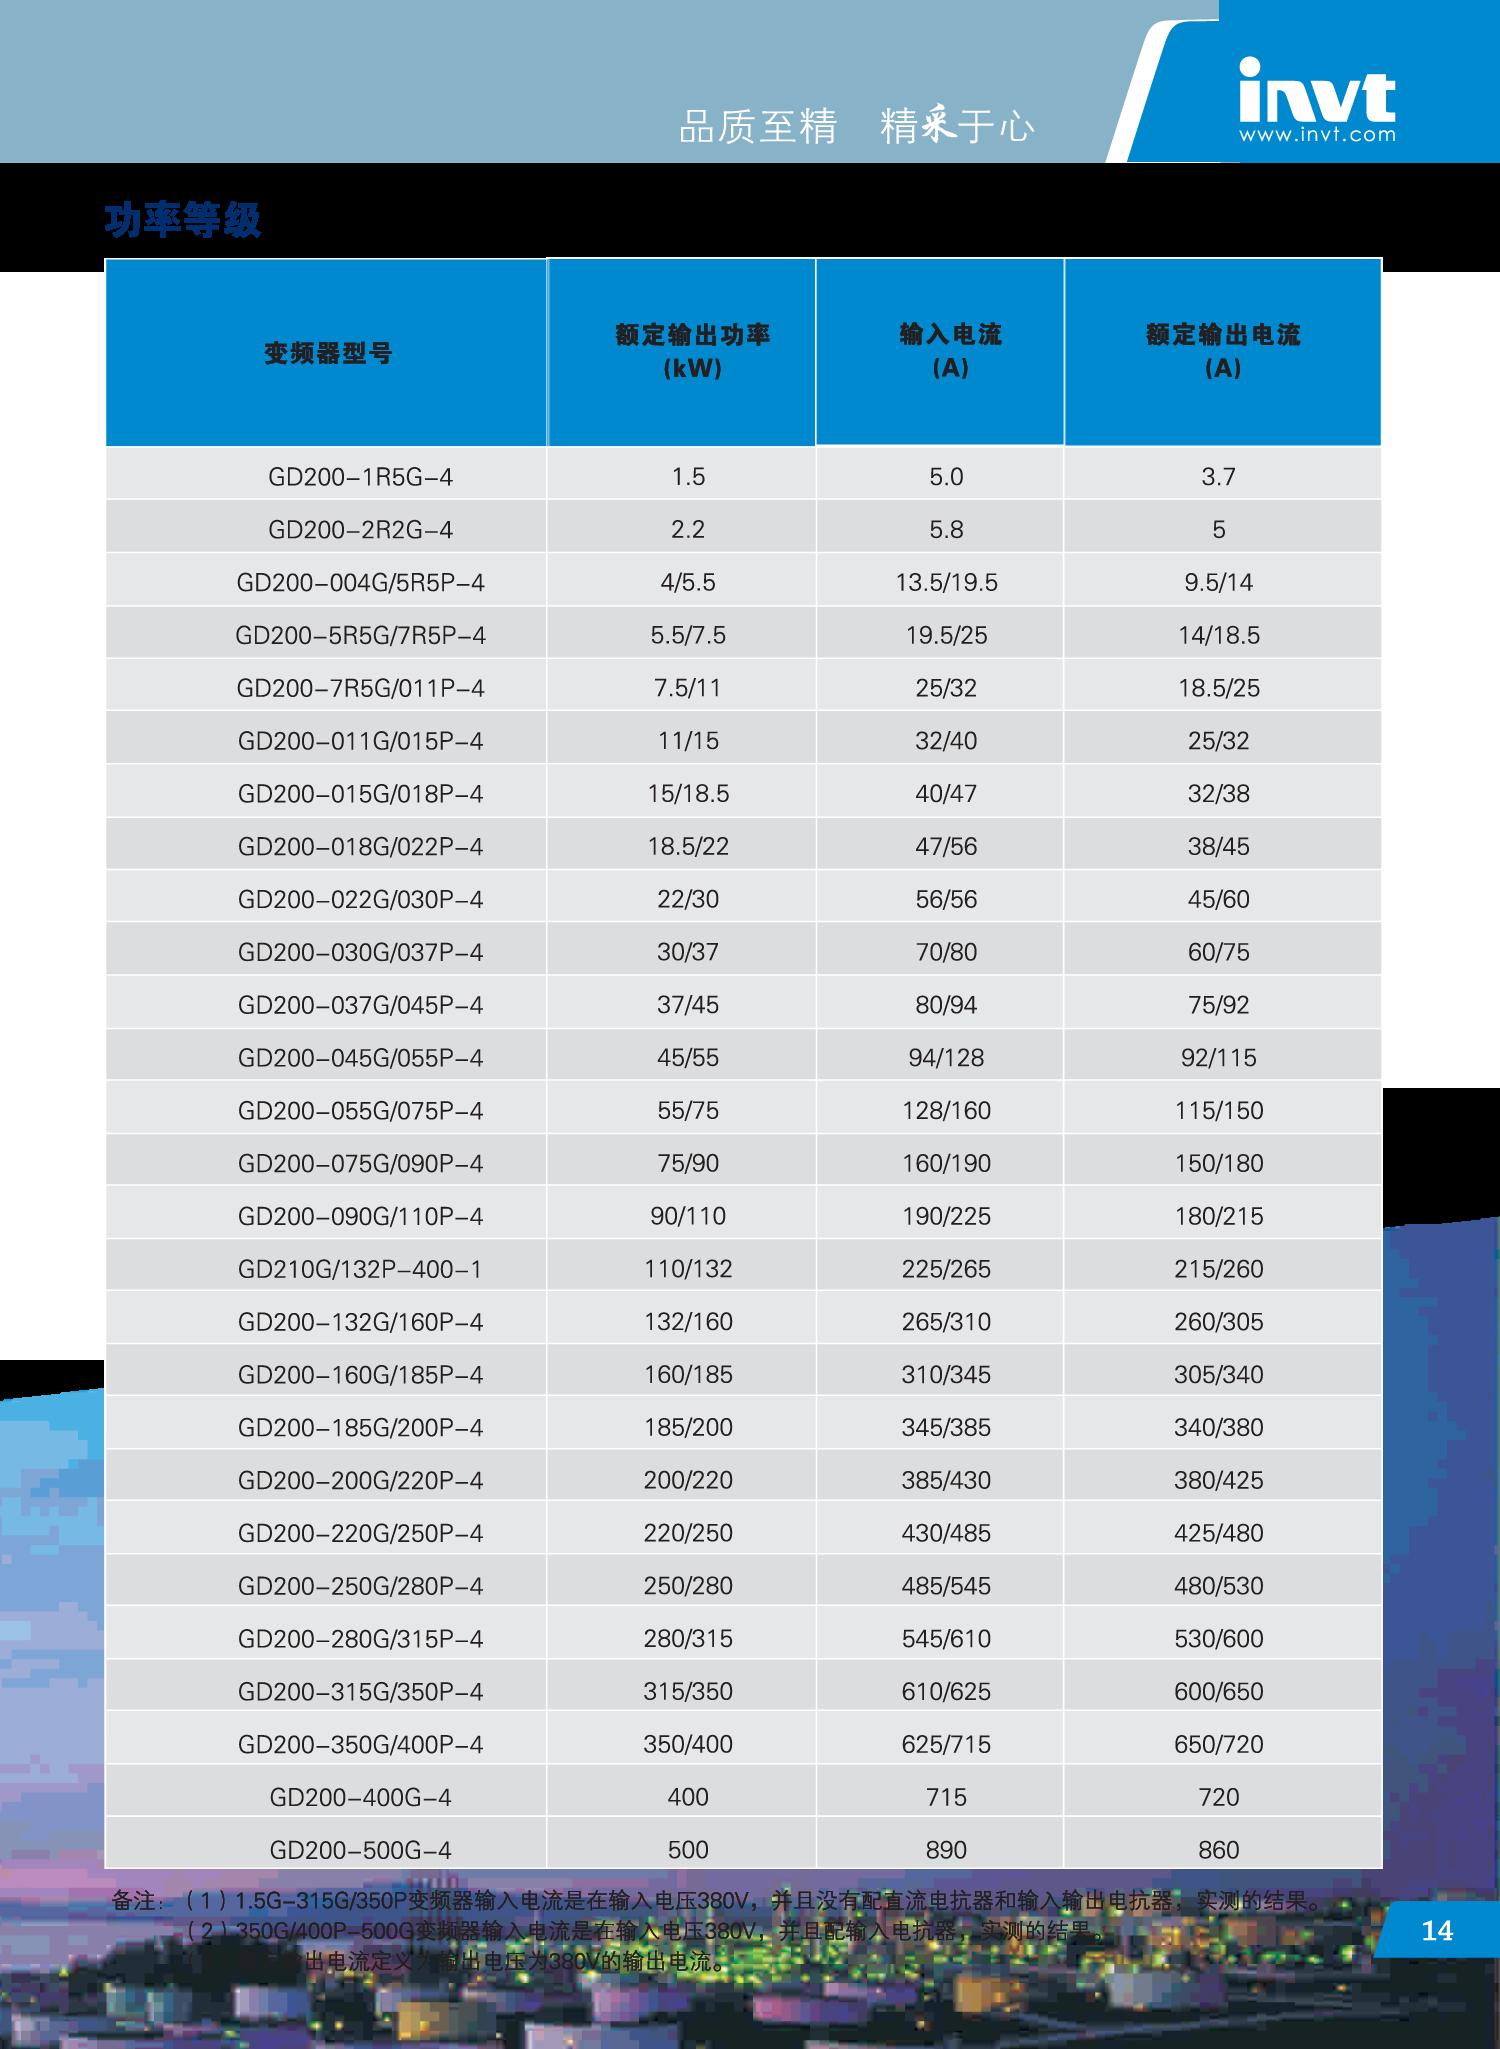 西西软件园 多重安全检测下载网站、值得信赖的软件下载站! 软件 软件 您的位置: 首页mame街机游戏合集1000 →游戏下载 →街机模拟器 → MamePGM街机游戏合集 V1.2整合版 评论 MamePGM街.《街机游戏合集1000》是由国外厂商制作发行的一款动作类街机游戏,街机作为很多人童年不可缺少的伙伴,依稀记得放学后跑街机室过瘾,即时身上没钱,也要站在后面看着.罗马太阳城棋牌-网页flash棋牌,源码完整,带数据库和网页源码,带服务端和客户端源码 asp + c#+as3 开发的棋牌。以前公司里开发的,网页flash棋牌,源码完整,带数据库和网.